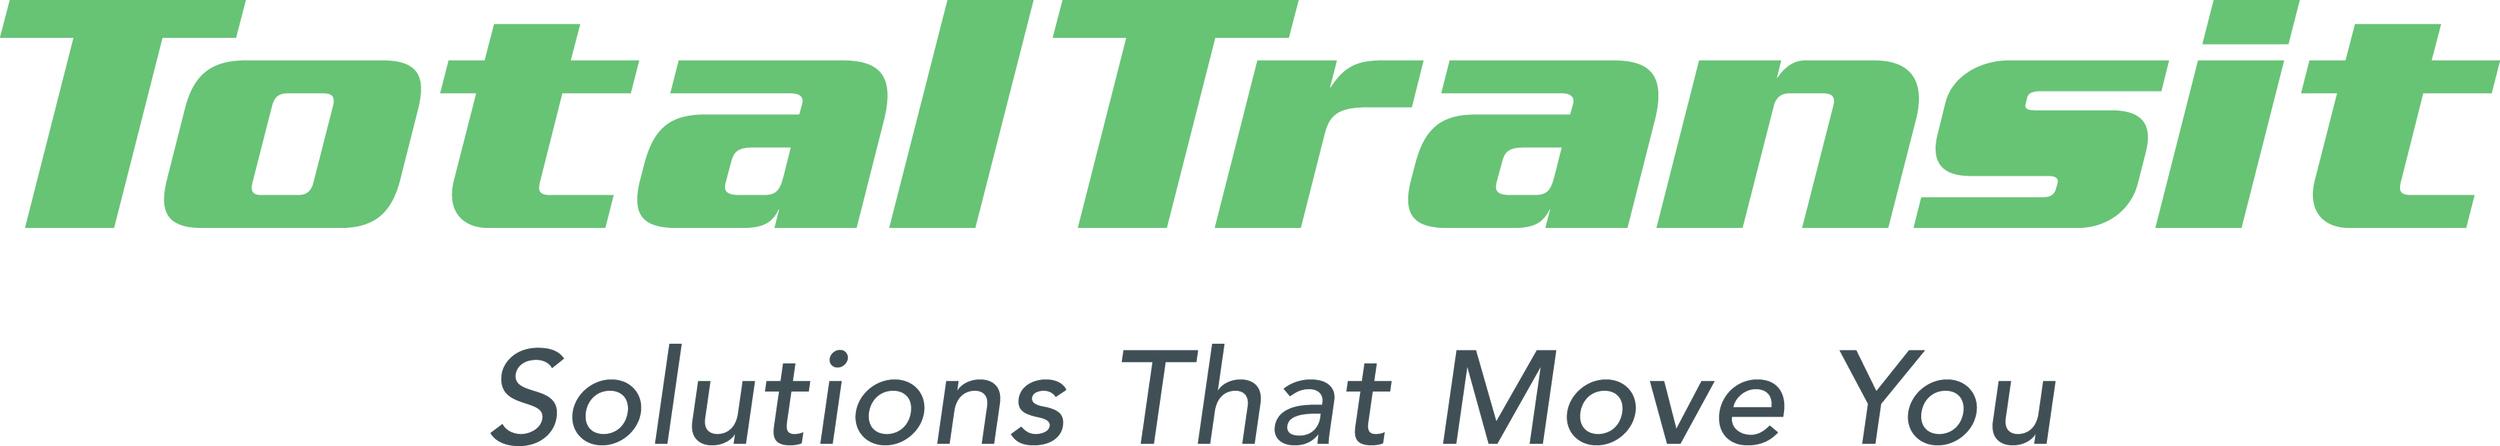 TotalTransit